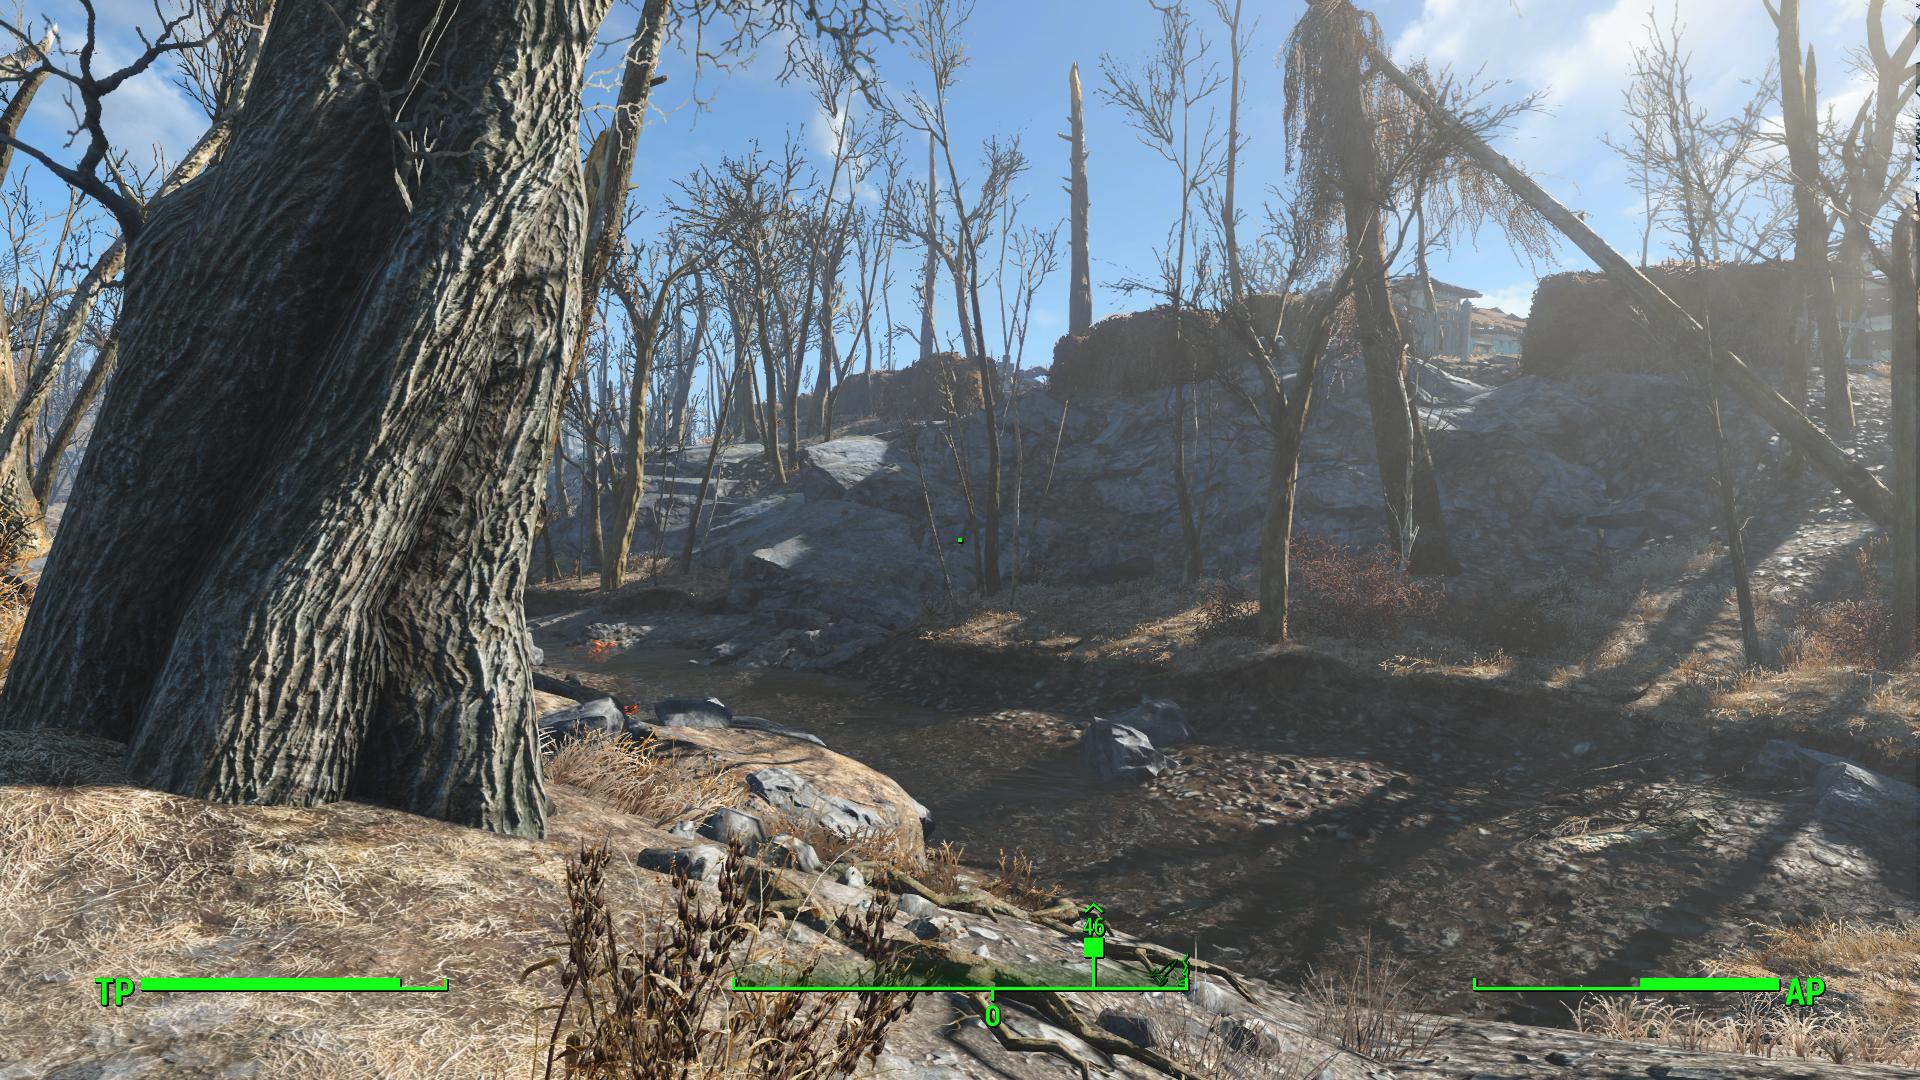 Fallout 4 Setting